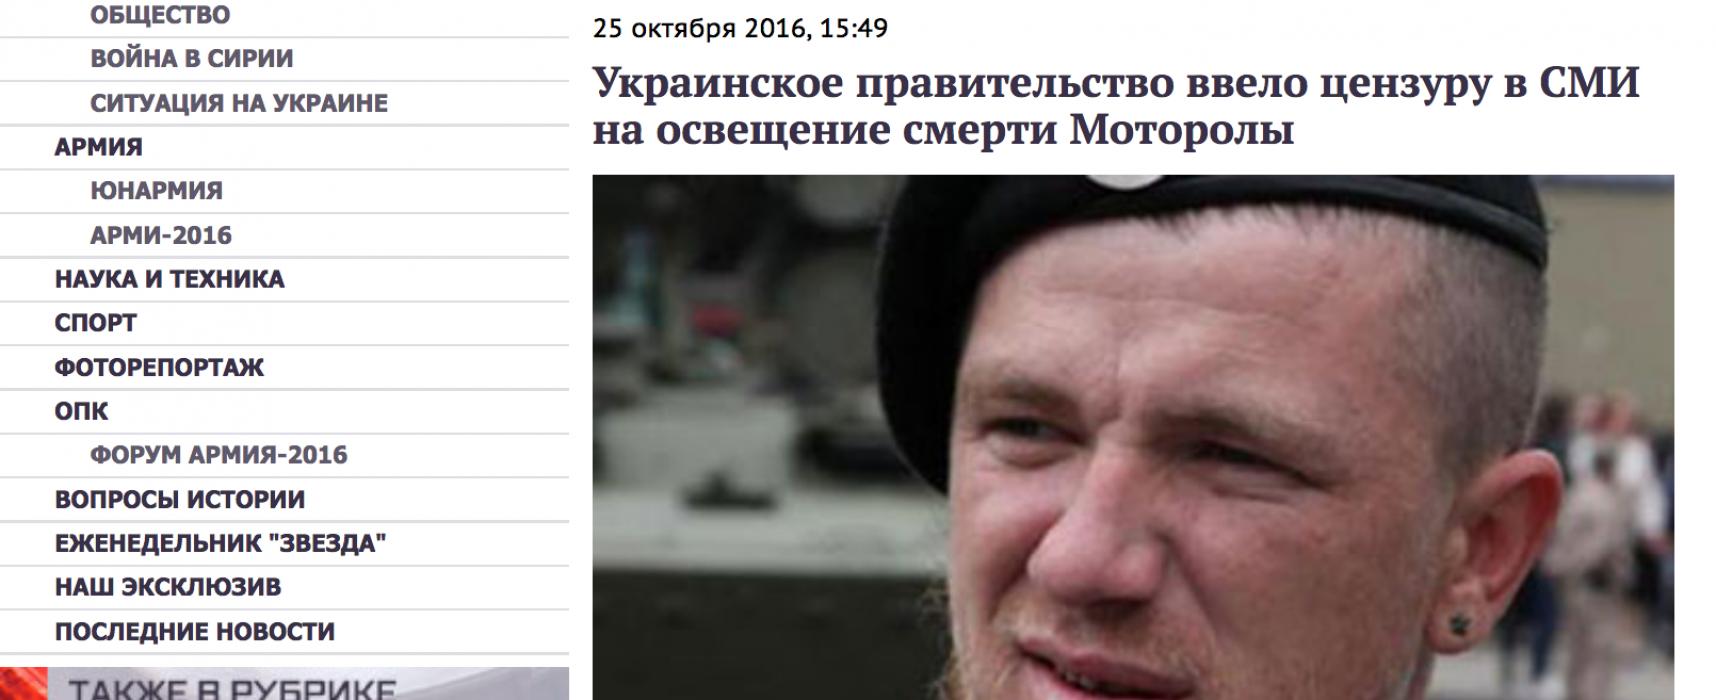 Fake: Le gouvernement ukrainien a imposé une censure sur la couverture médiatique de la mort de Motorola